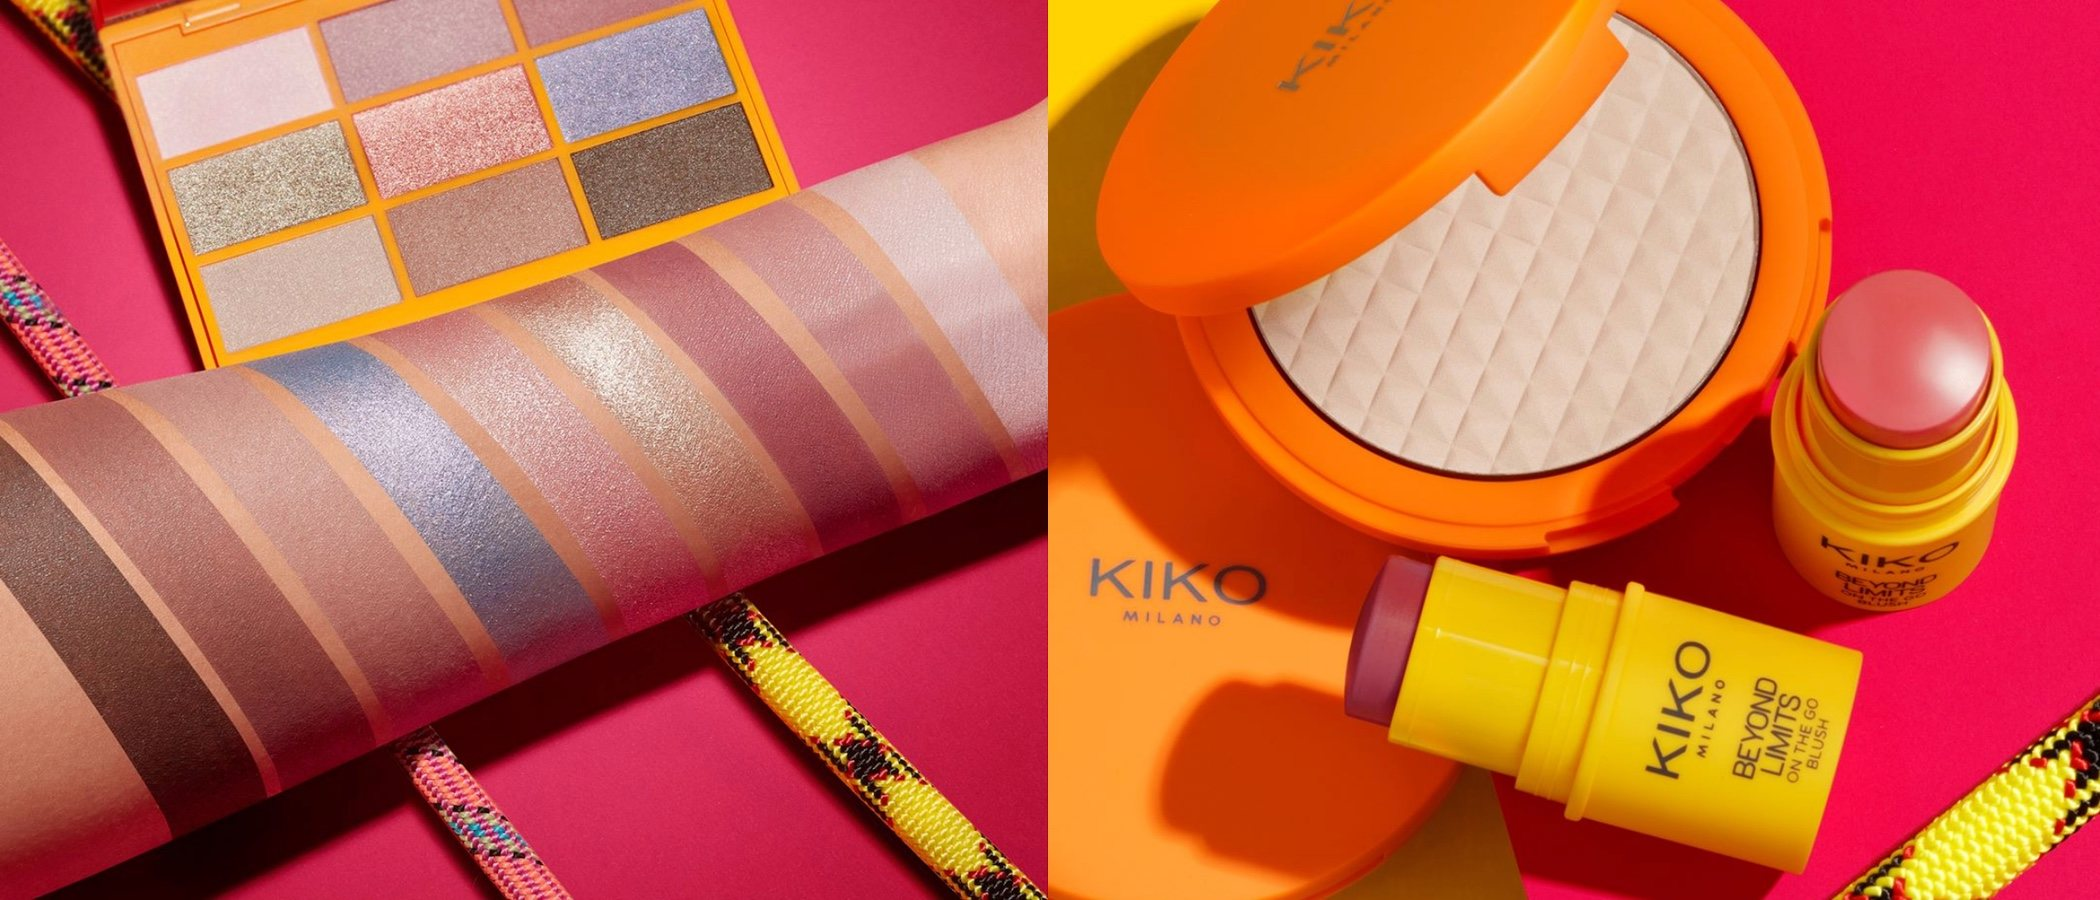 Kiko Milano desafía las reglas del maquillaje en su nueva colección 'Beyond Limits 2019'